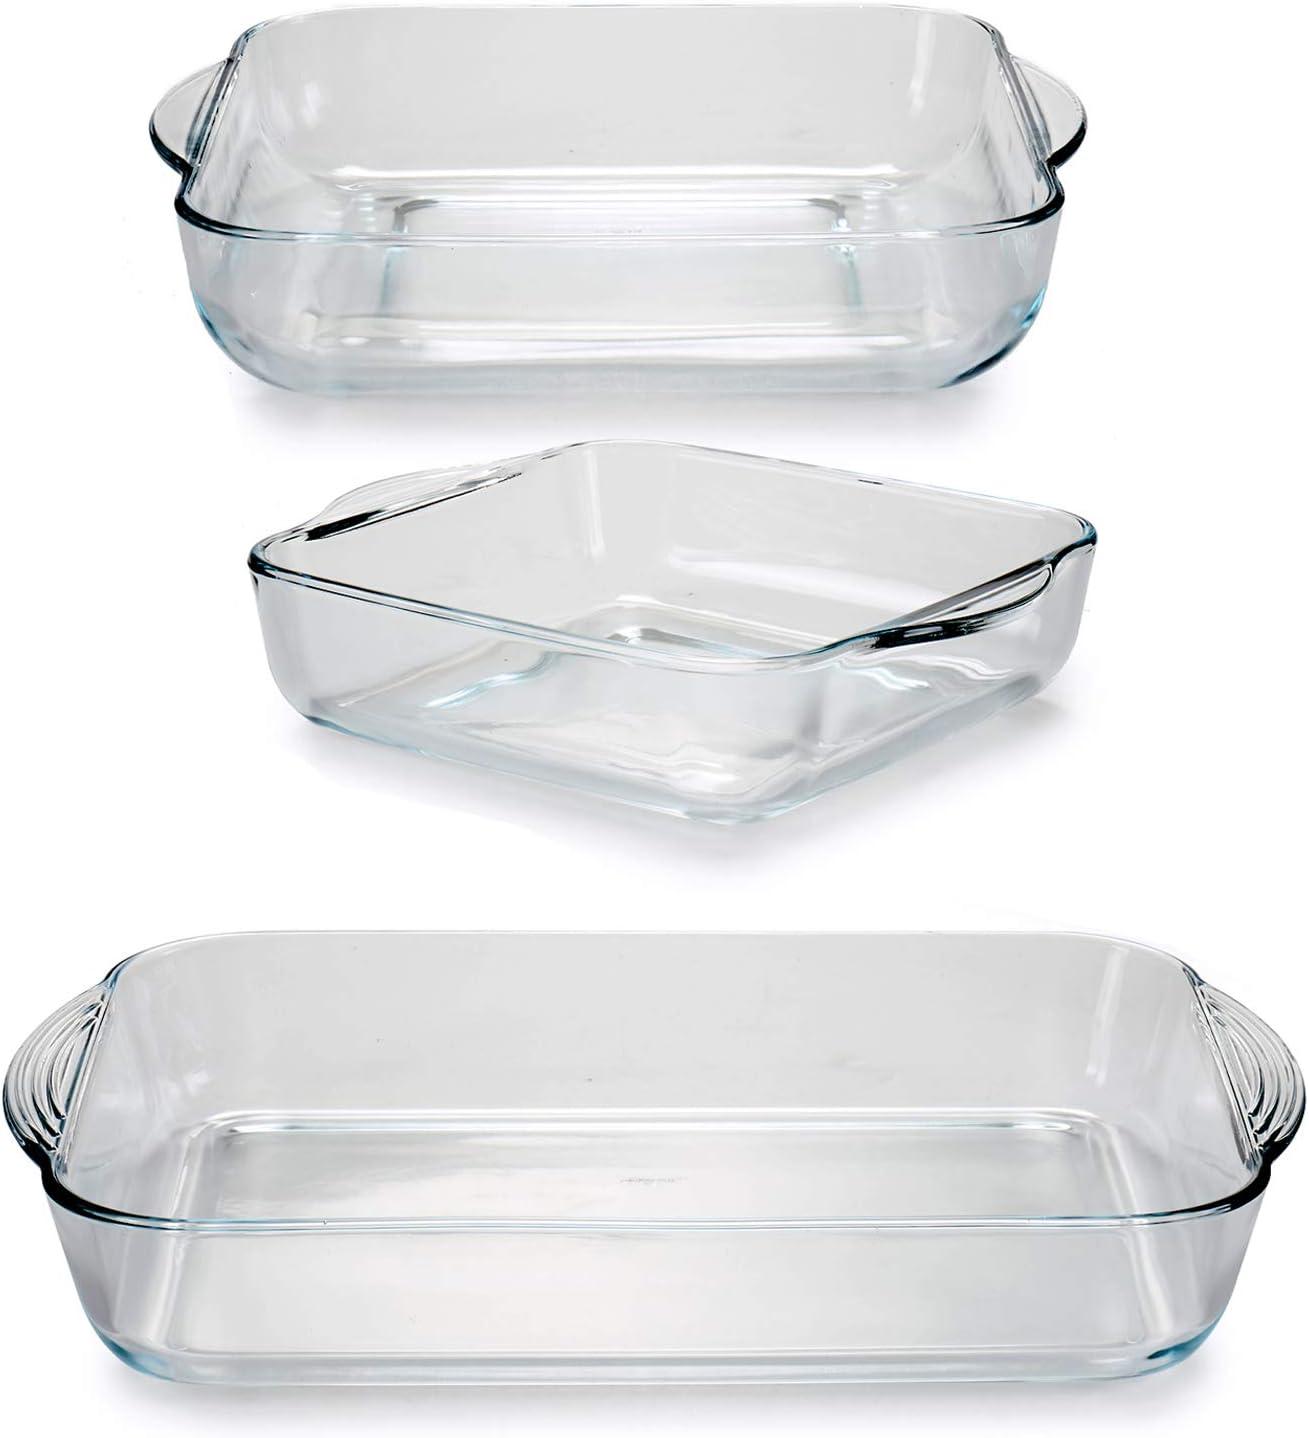 TU TENDENCIA ÚNICA Juego de 3 Bandejas de Cocina de Vidrio Borcam para Horno y microondas. Aptas para Nevera y Congelador